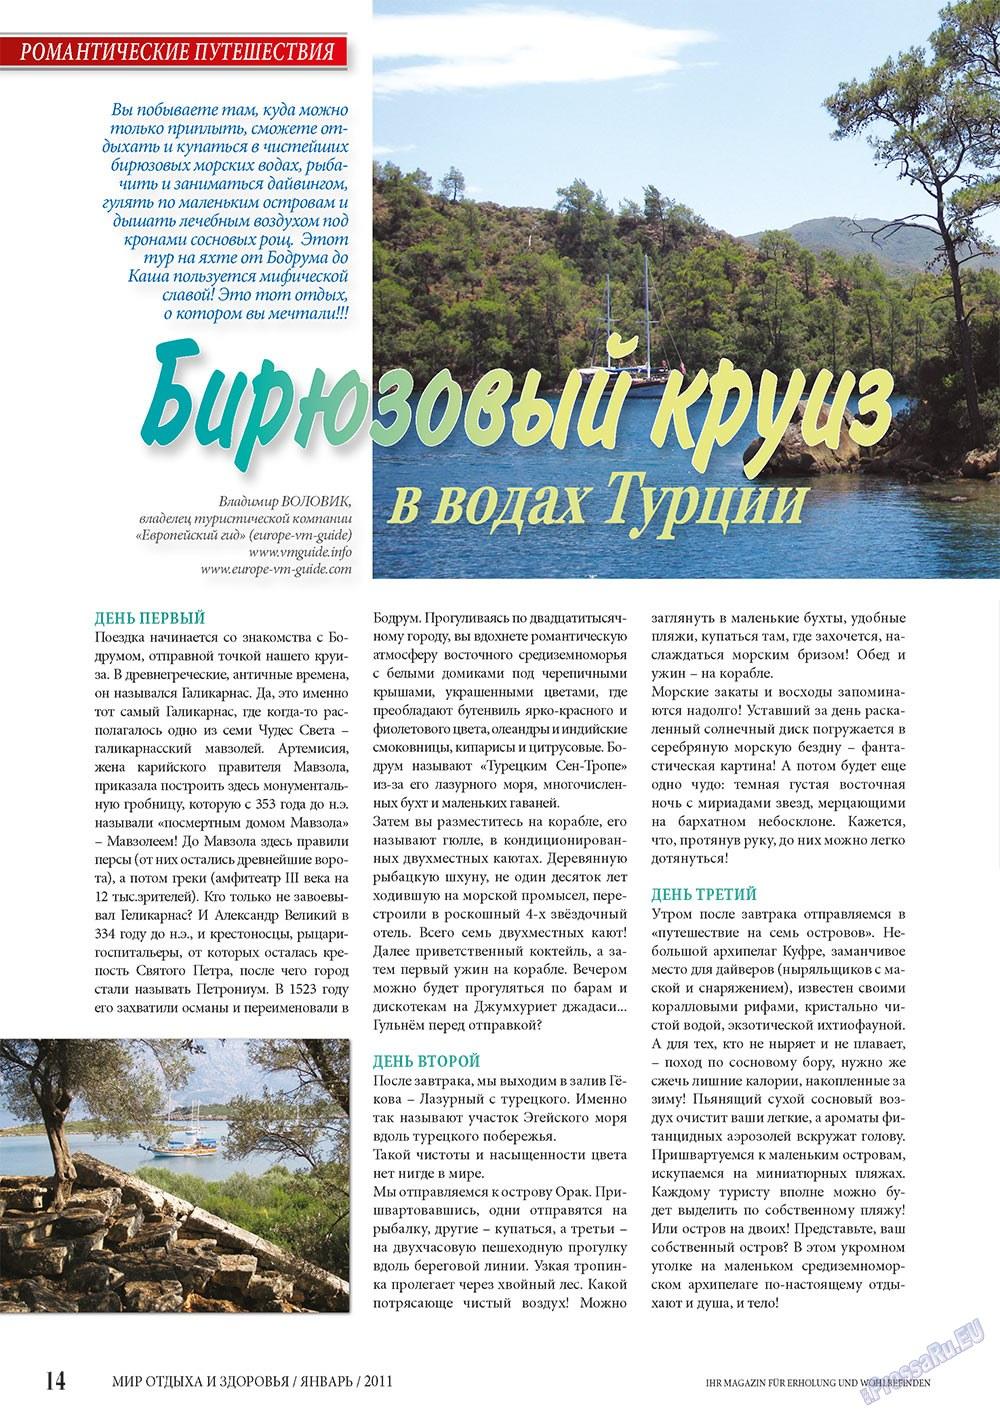 Мир отдыха и здоровья (журнал). 2011 год, номер 1, стр. 14